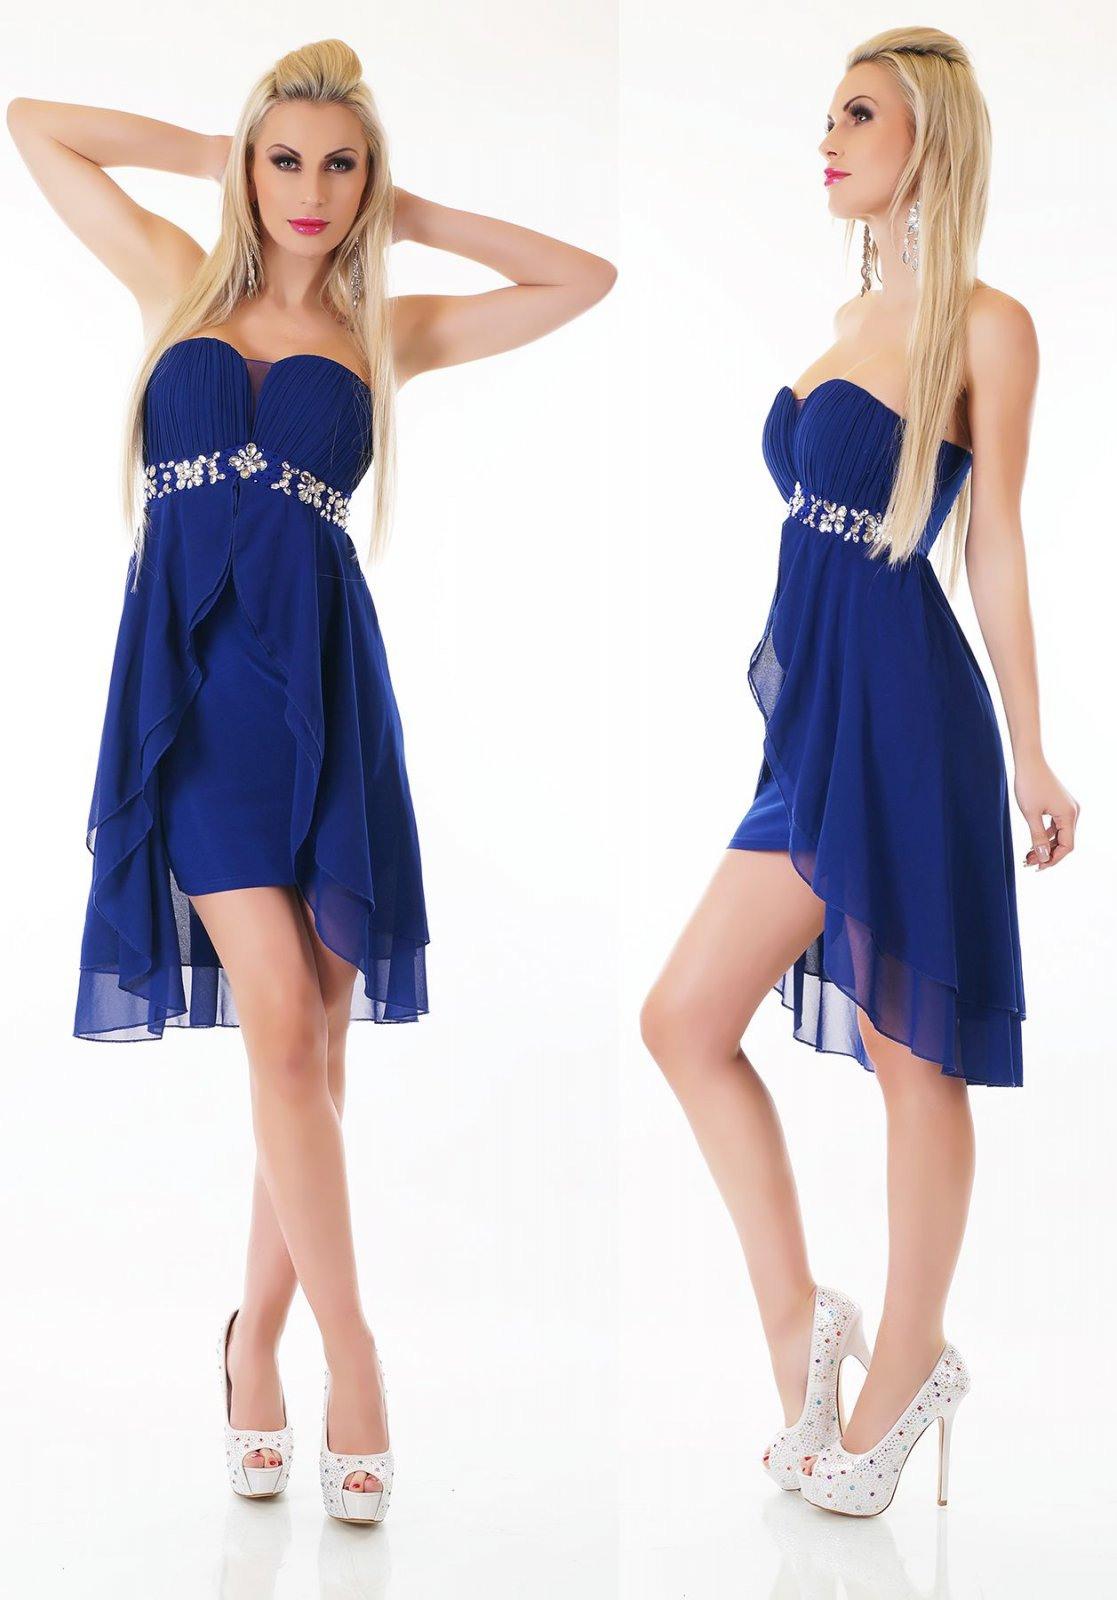 Einfach Abend-Vokuhila-Kleid Ärmel10 Schön Abend-Vokuhila-Kleid Ärmel